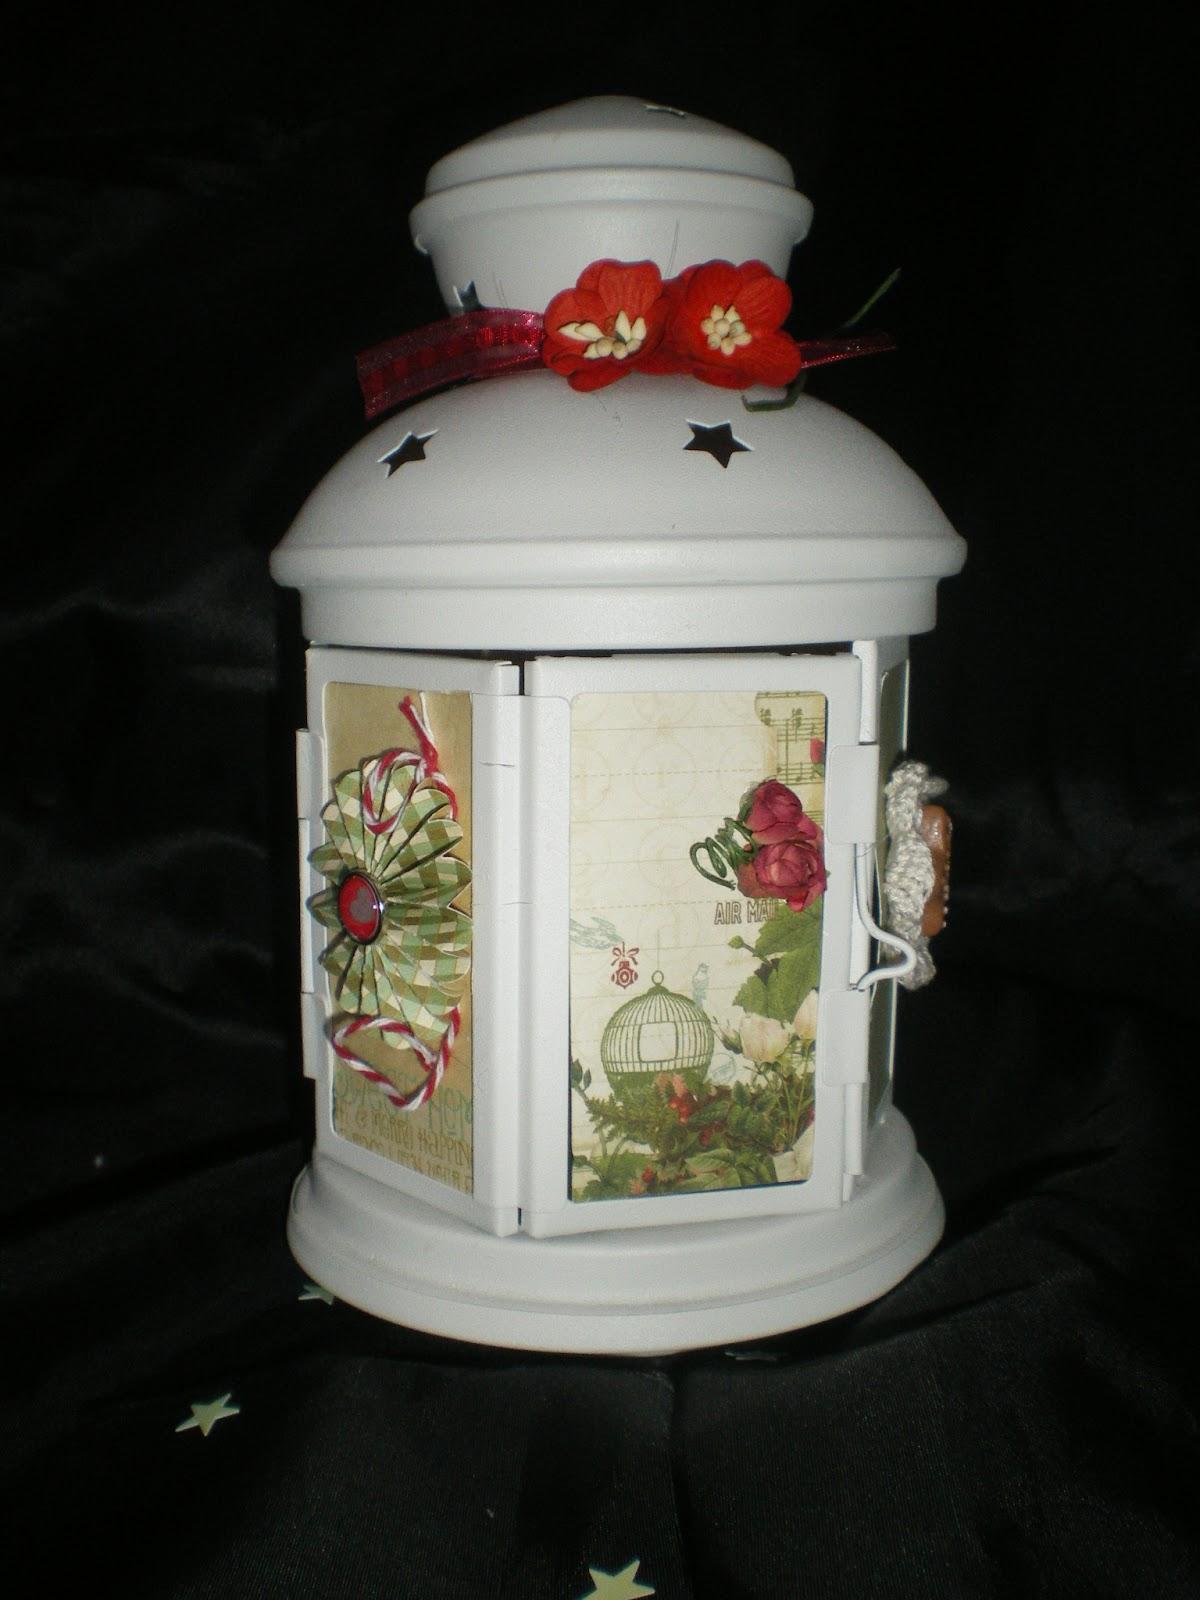 deco noel avec lanterne. Black Bedroom Furniture Sets. Home Design Ideas